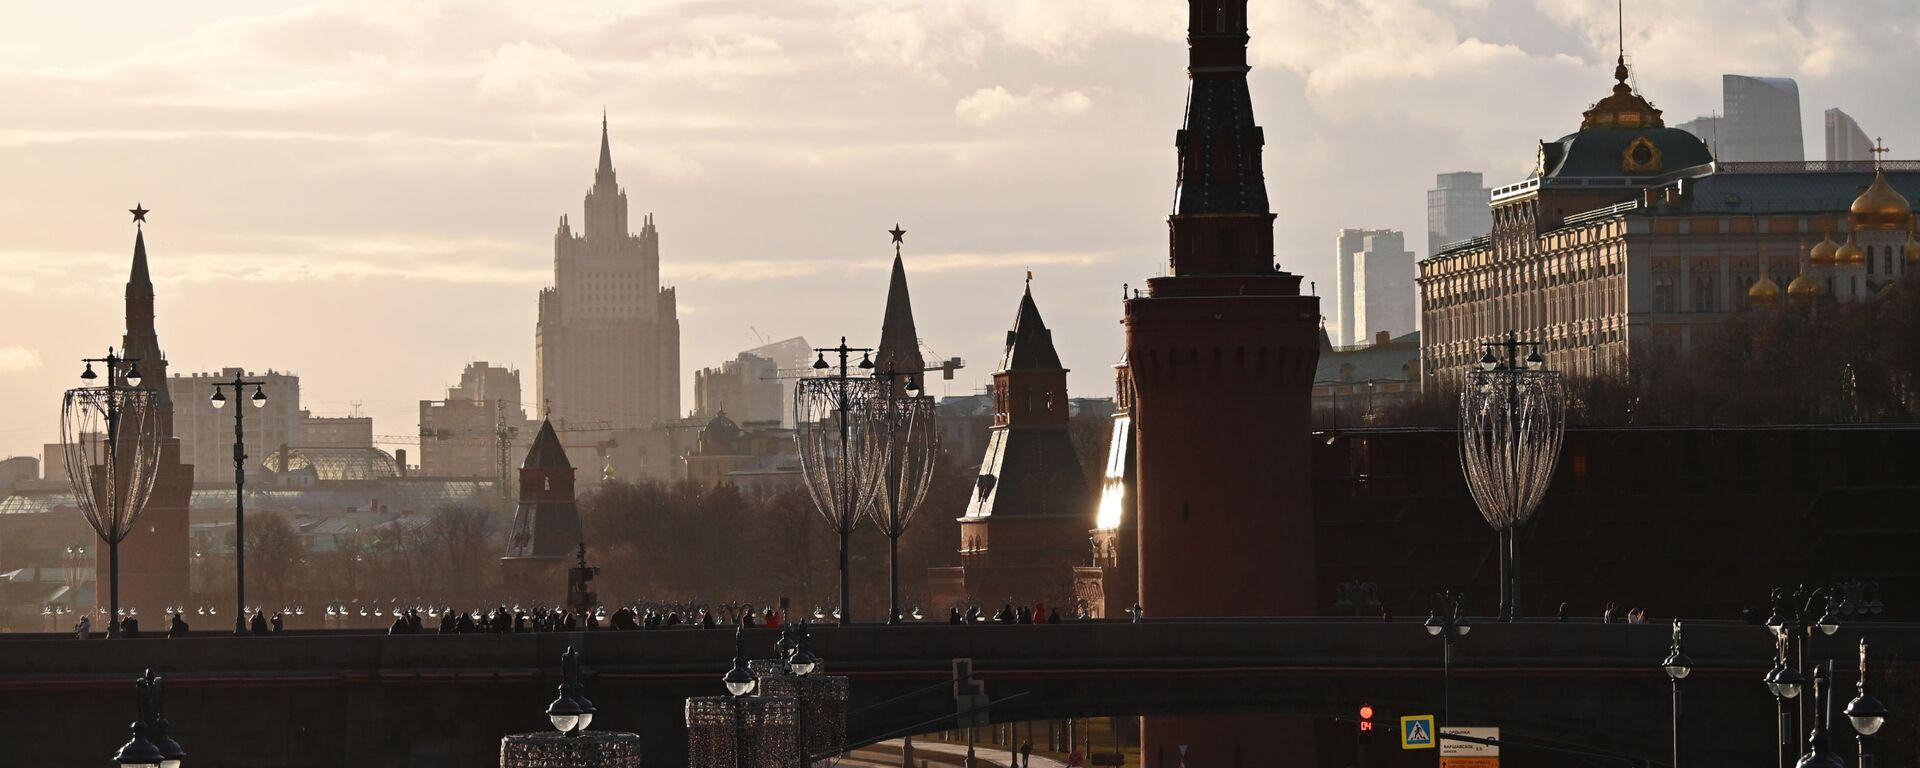 El Kremlin y el Ministerio de Exteriores de Rusia en Moscú - Sputnik Mundo, 1920, 03.03.2021